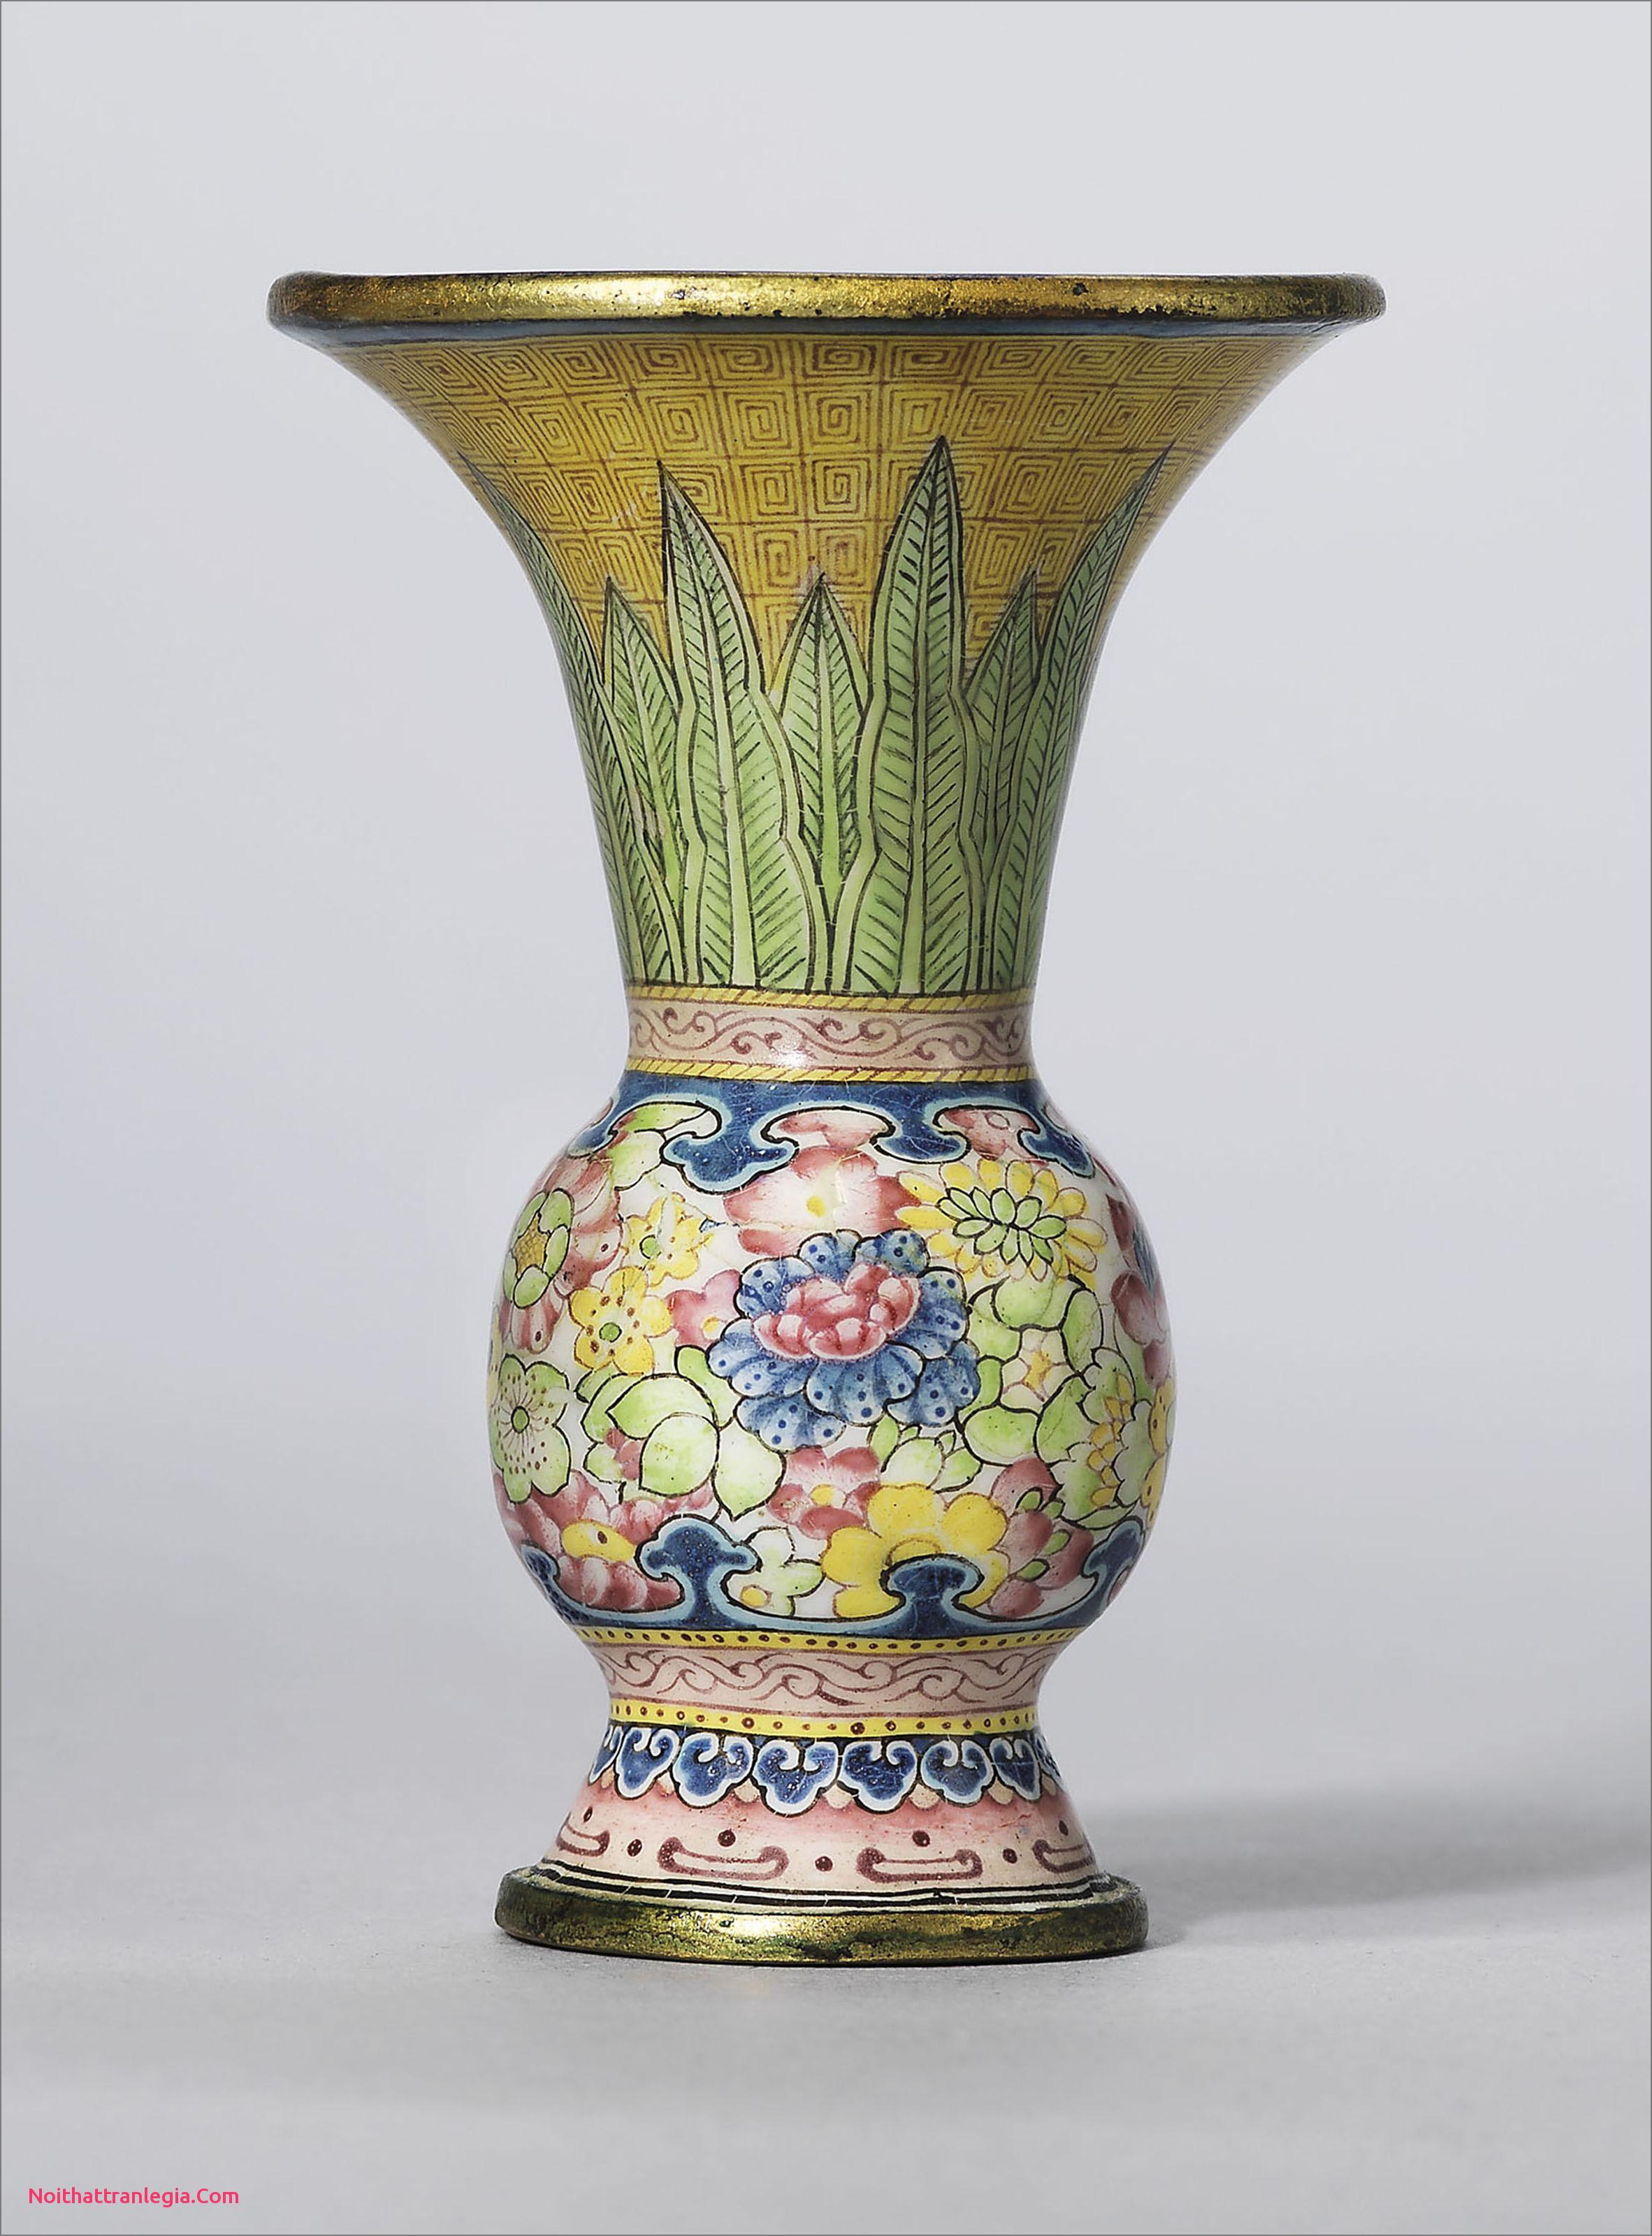 antique floor vase of 20 chinese antique vase noithattranlegia vases design regarding chinese antique vase unique a guide to the symbolism of flowers on chinese ceramics of chinese antique vase